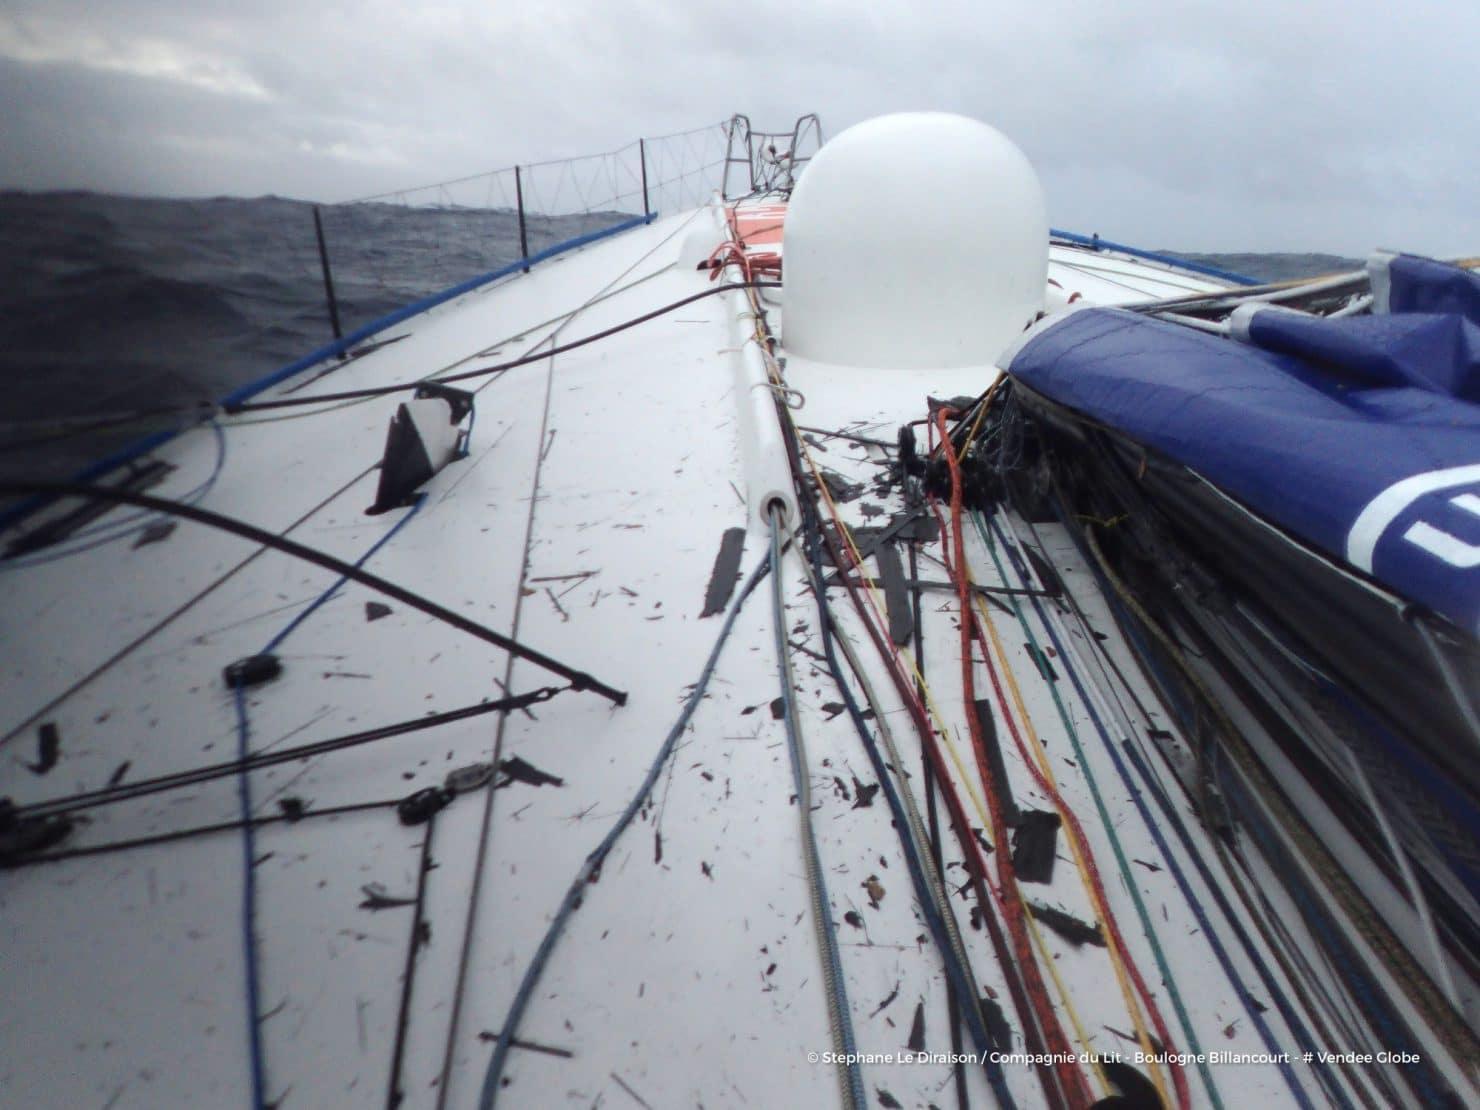 Vend e globe 2016 les pires heures de ma surfez sur l 39 actualit voile - Compagnie du lit boulogne ...